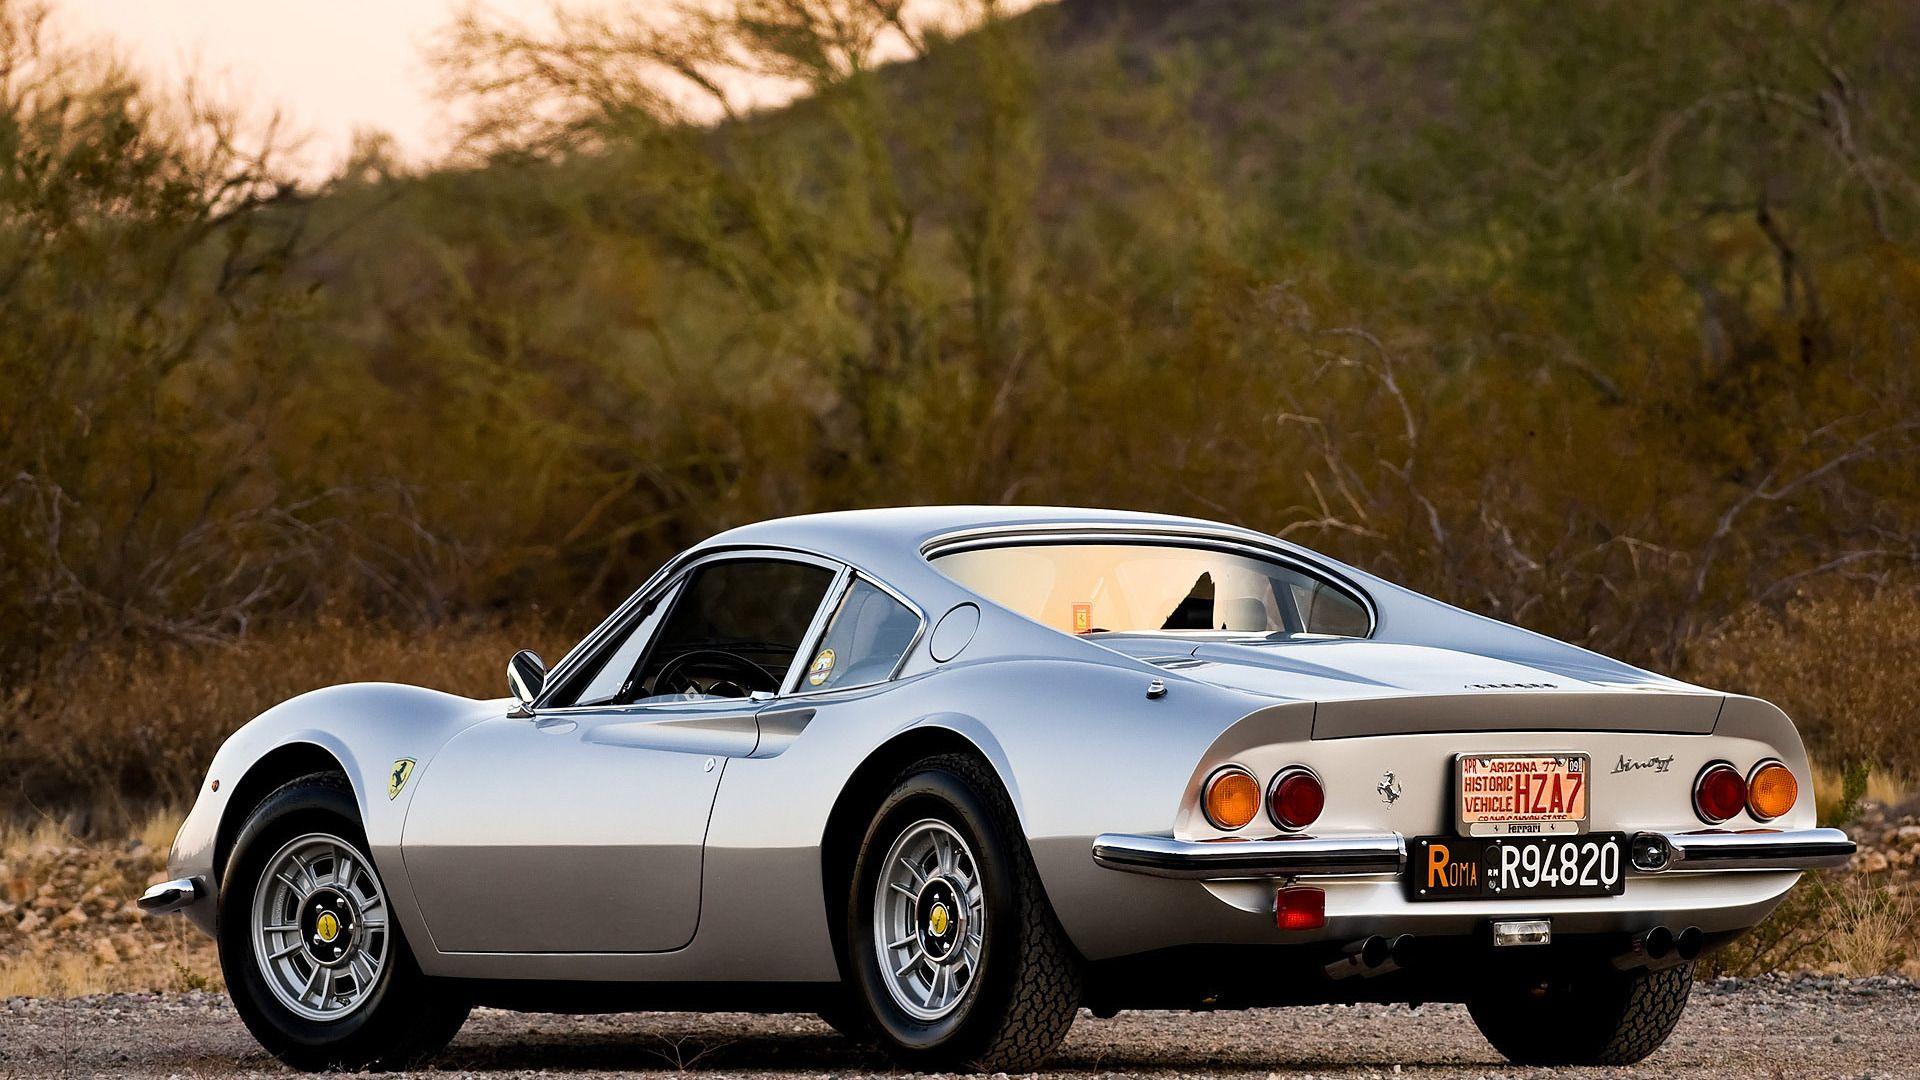 1969 Ferrari Dino 246 Gt Ferrari Vintage Ferrari Alfa Cars